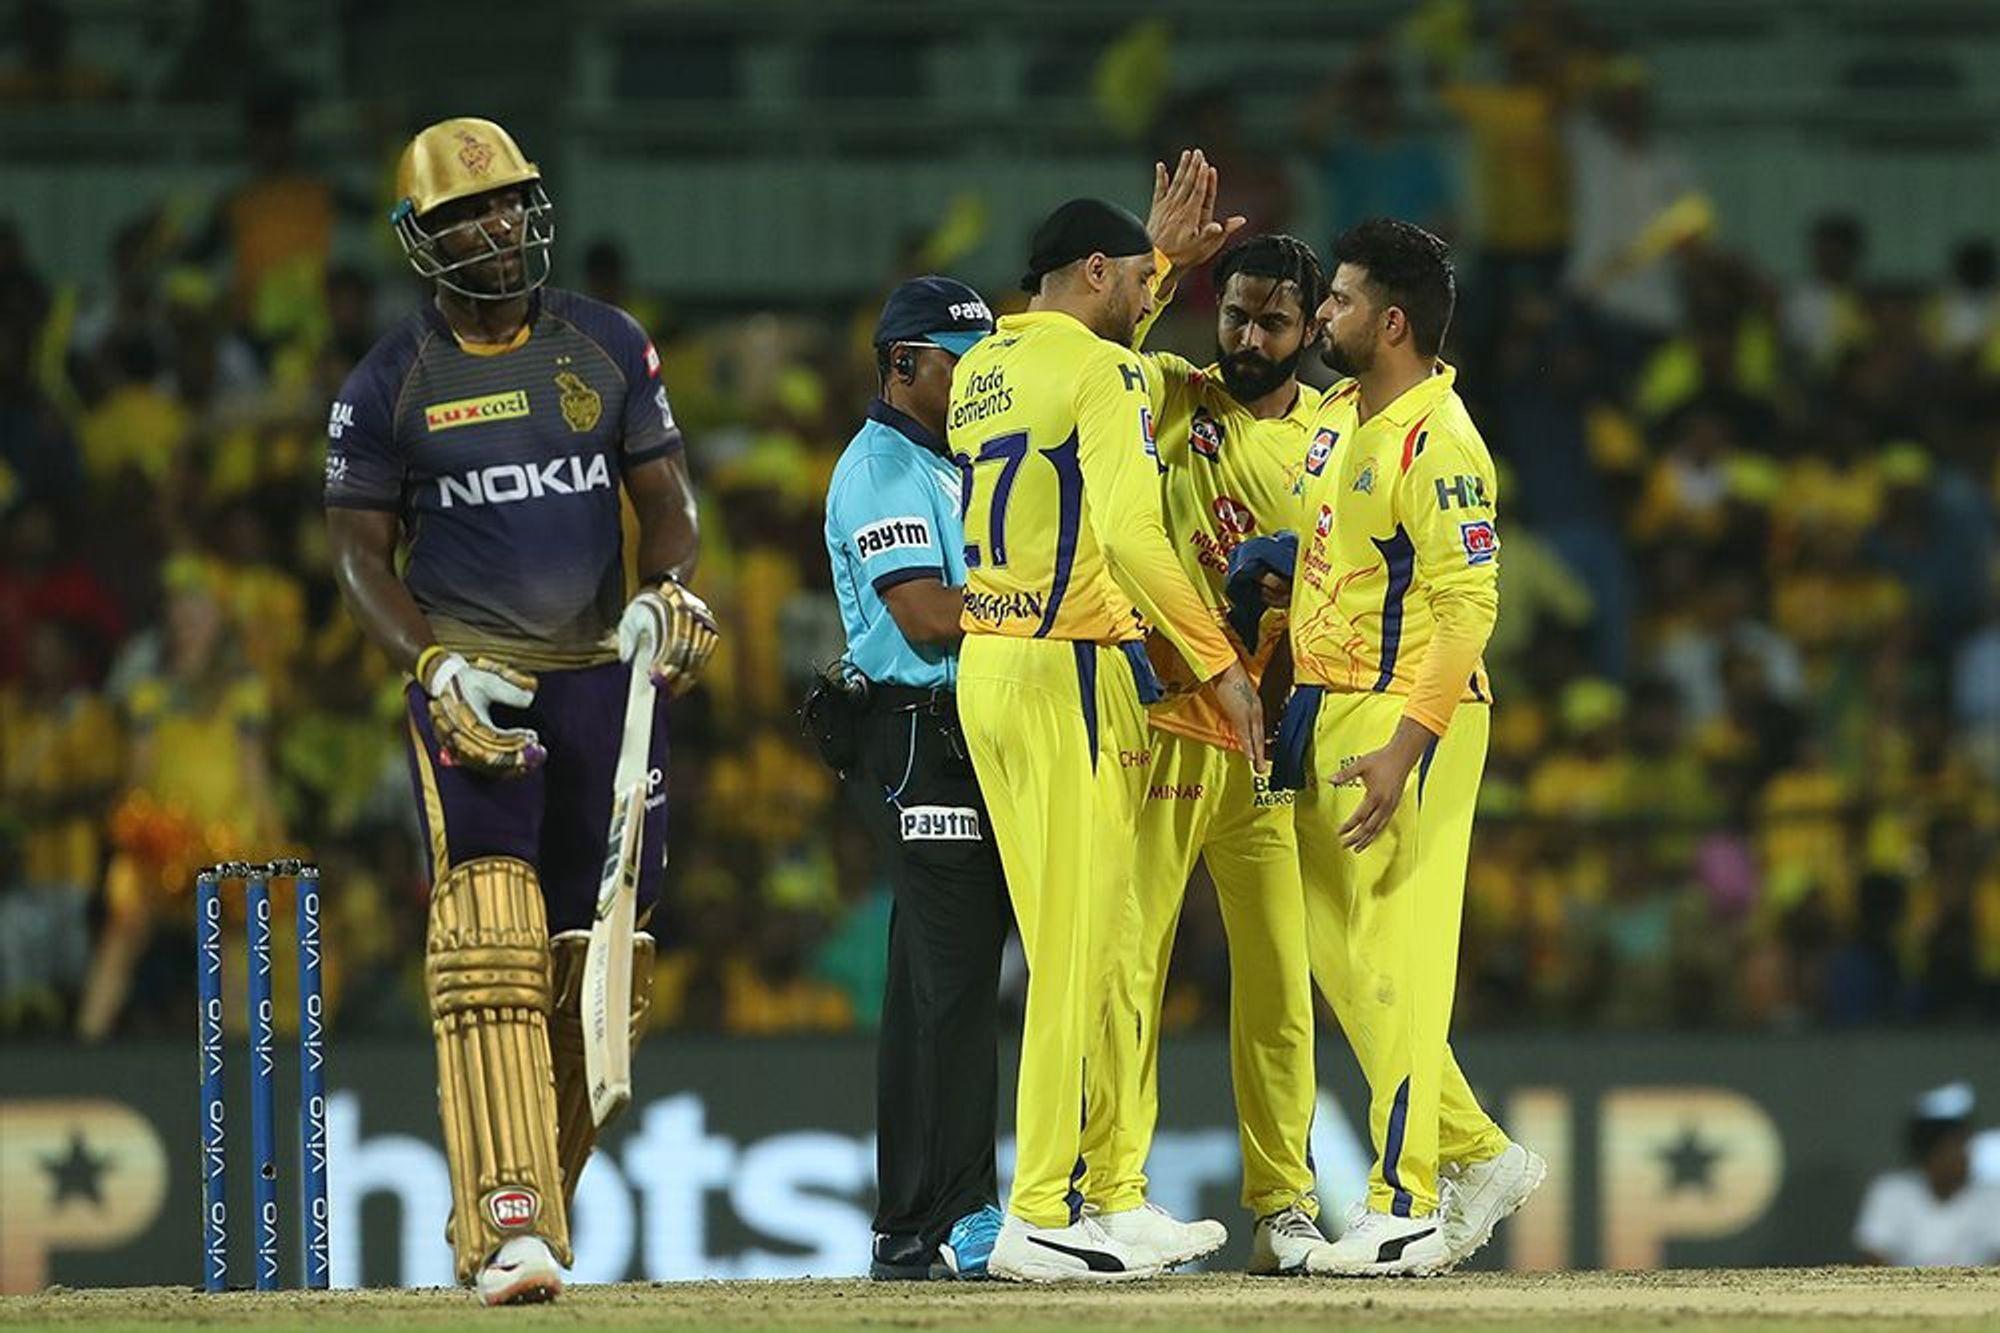 आईपीएल 2019: 23वें मैच के बाद कुछ ऐसी है पॉइंट्स टेबल, ऑरेंज कैप और पर्पल कैप की स्थिति 20